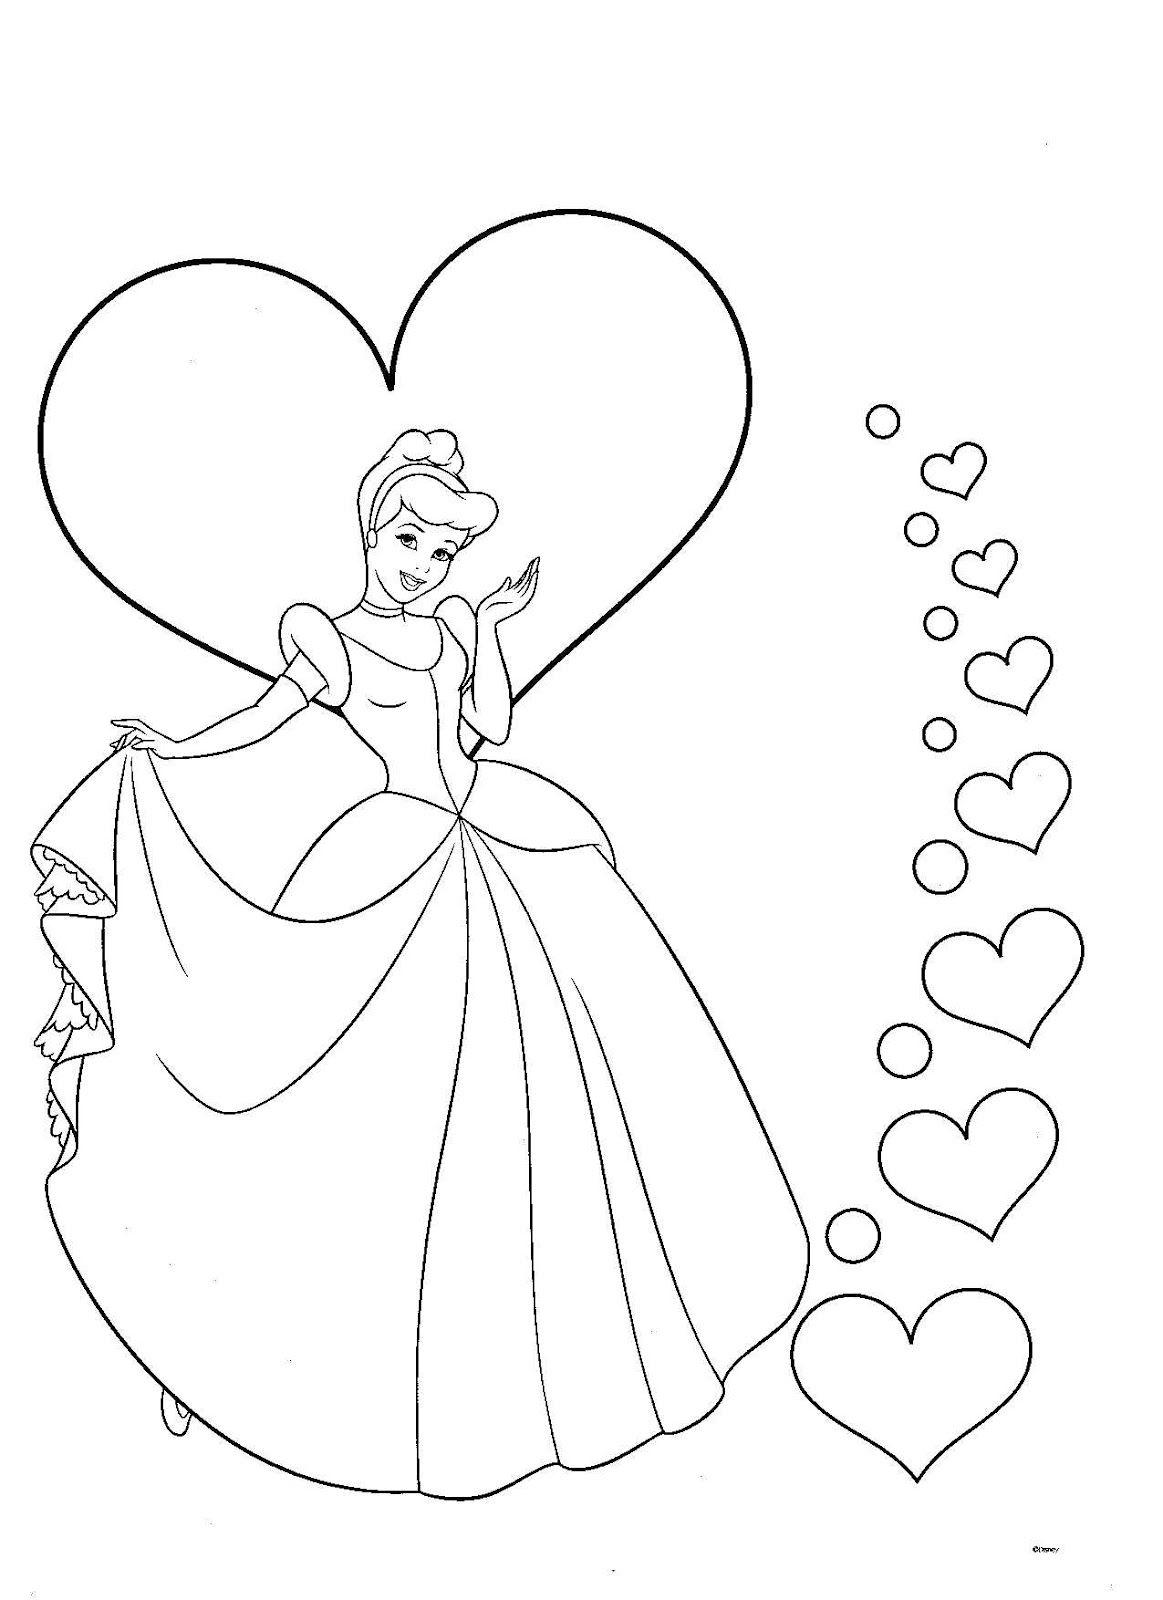 dibujo de princesa para colorear | Cosas para ponerse | Pinterest ...